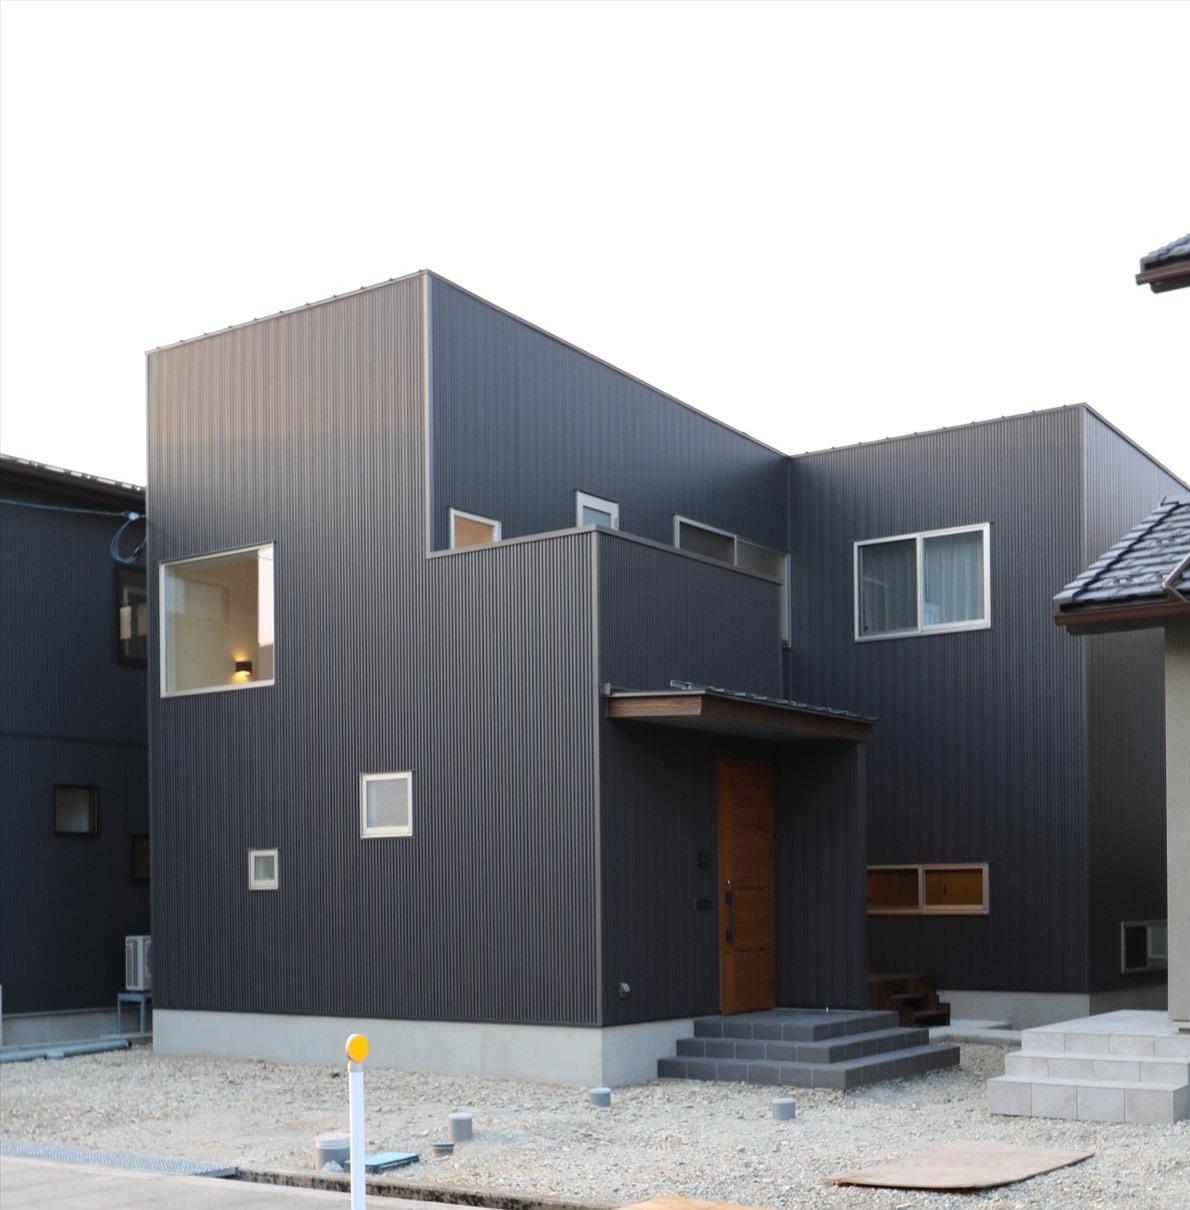 施工事例過去|石川県金沢市の注文住宅・デザイン性・新築の家・戸建て|E-HOUSE